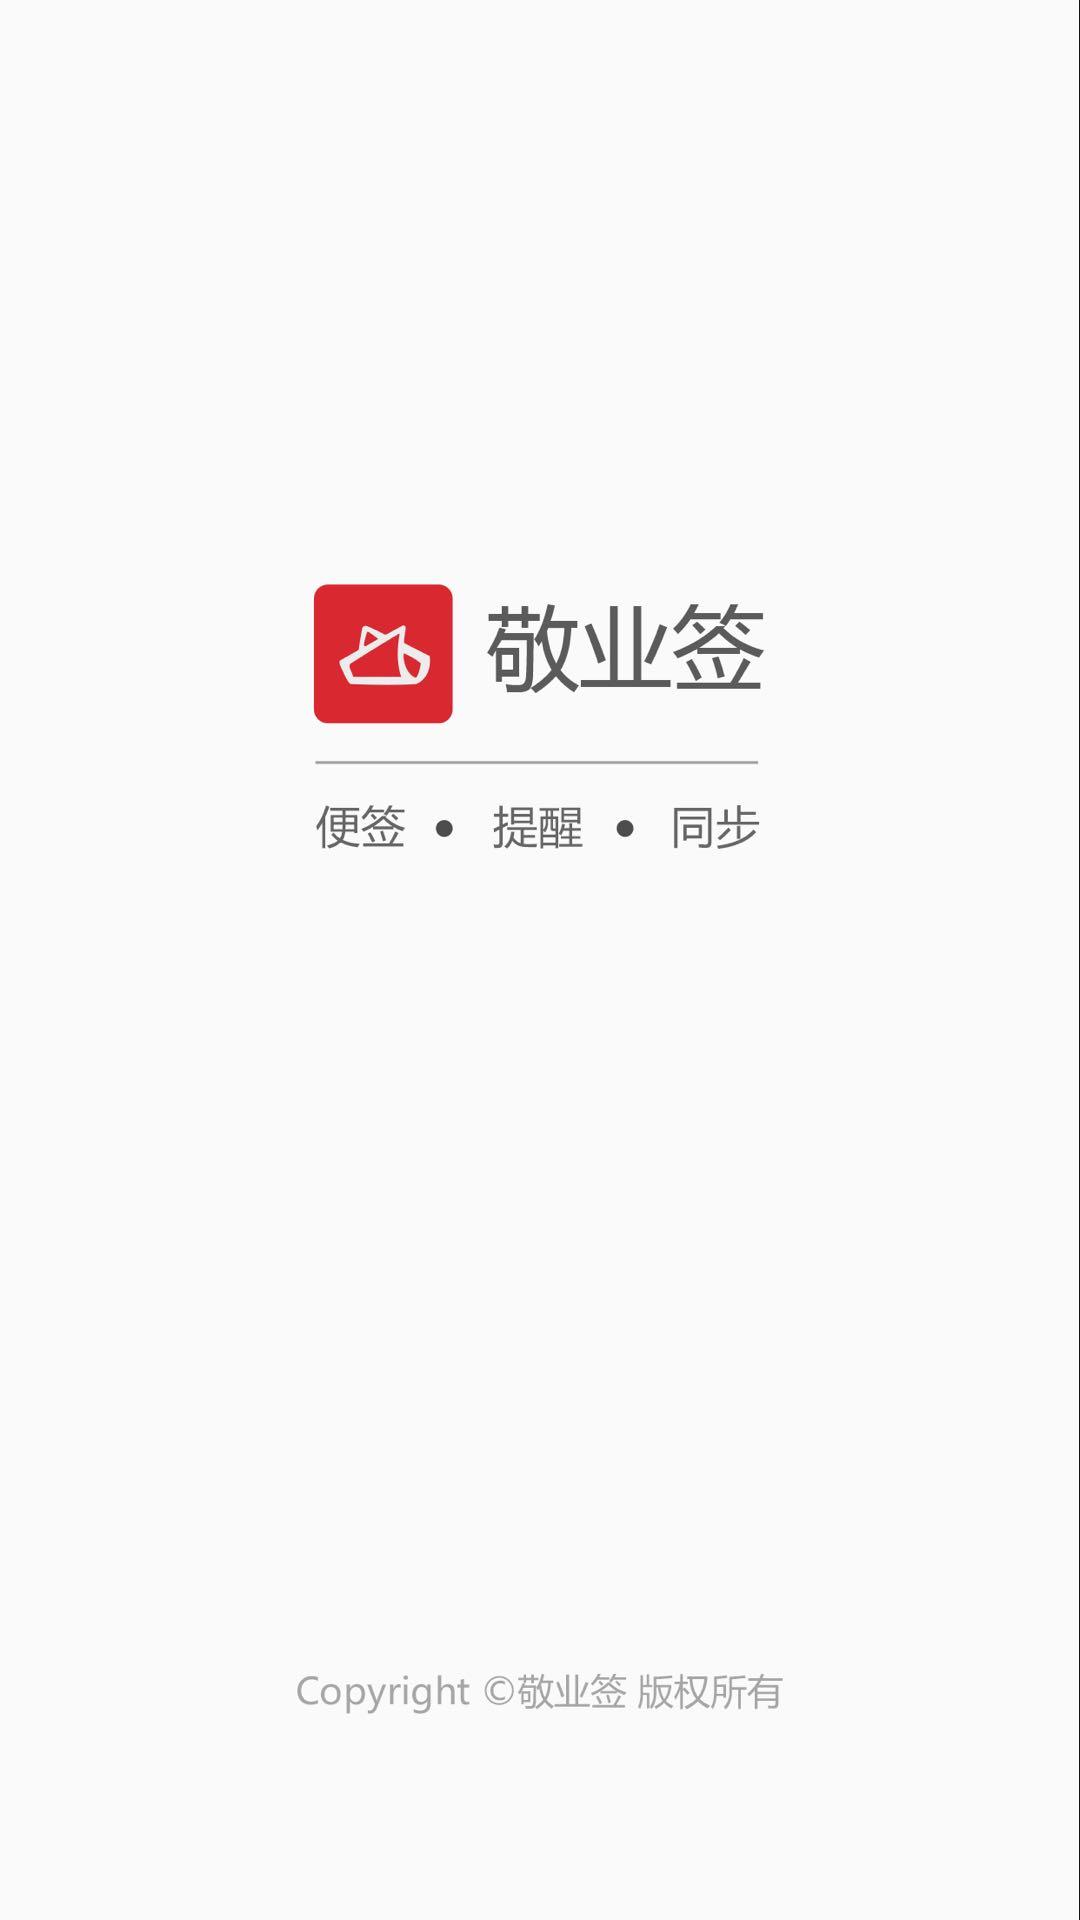 小米便签app不小心删除了可以恢复吗?